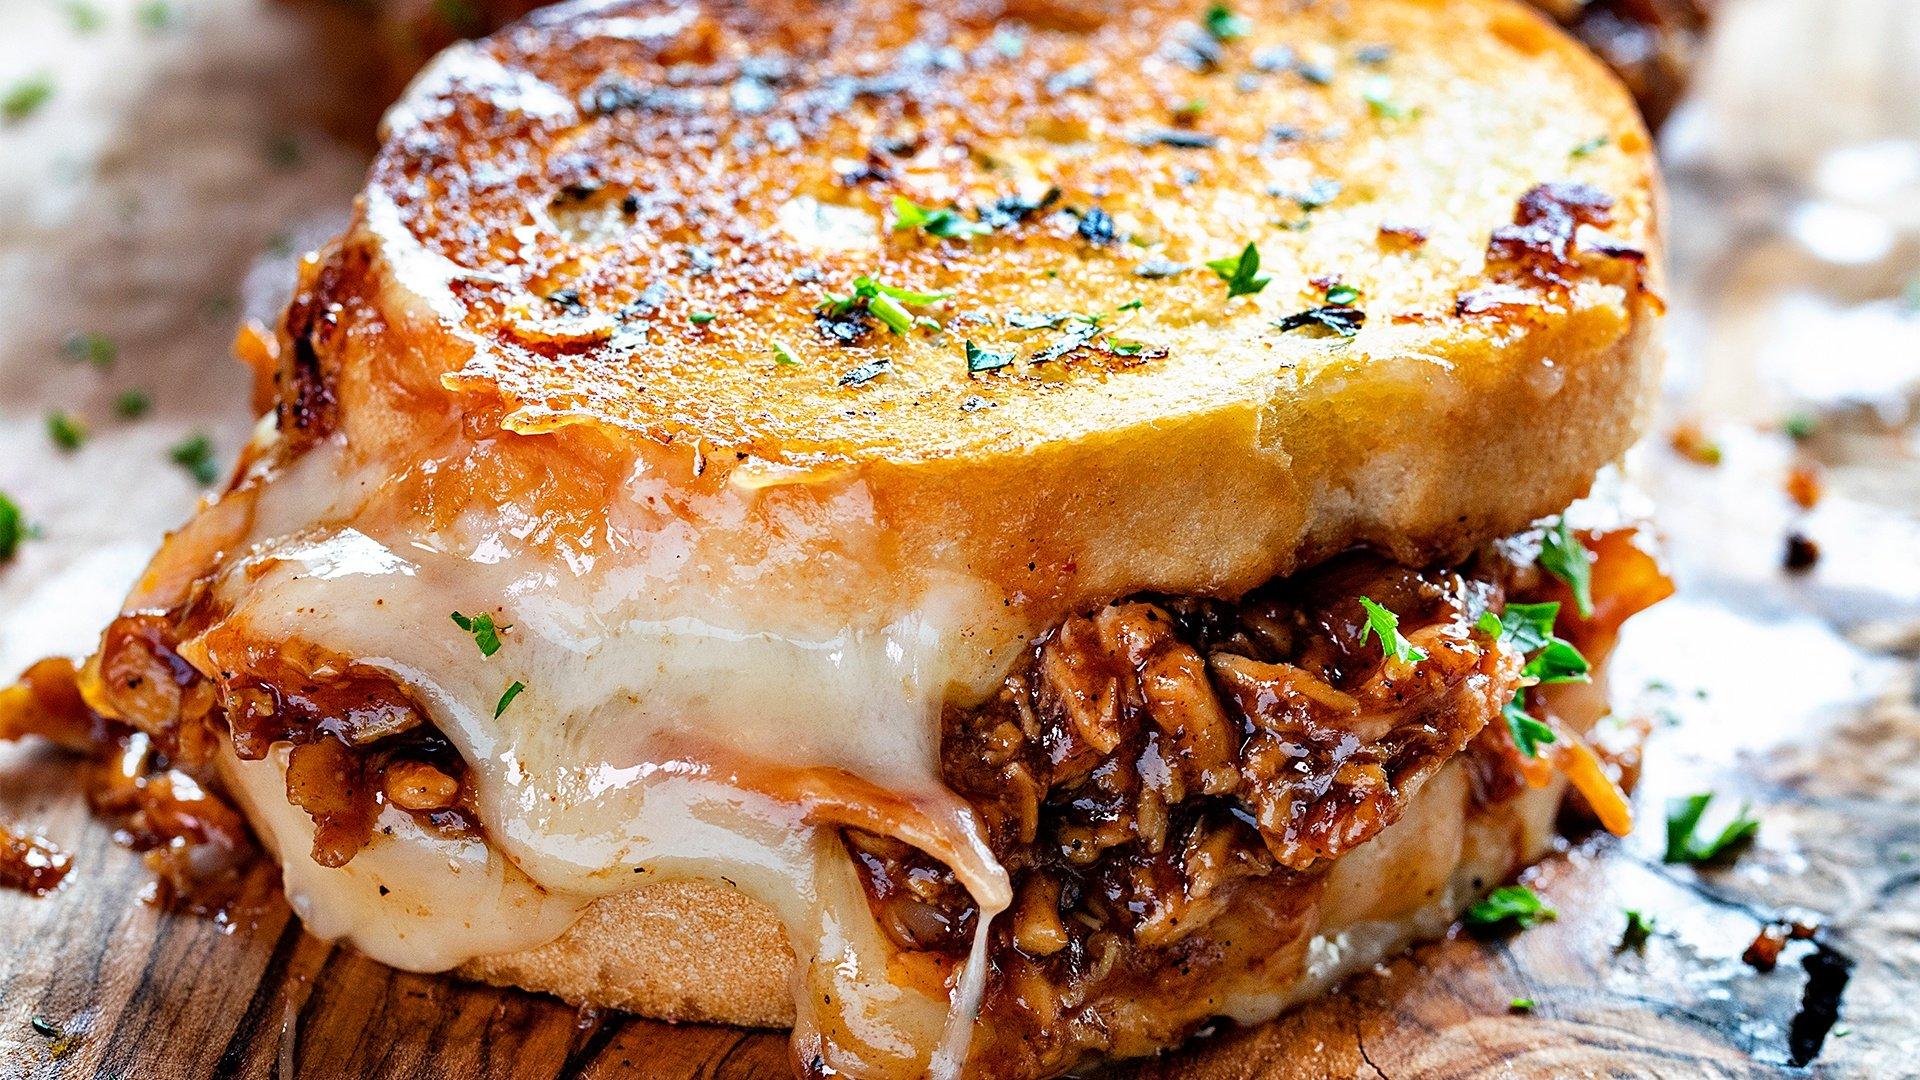 Grilled BBQ Sandwich con Queso Mozzarella Trebolac